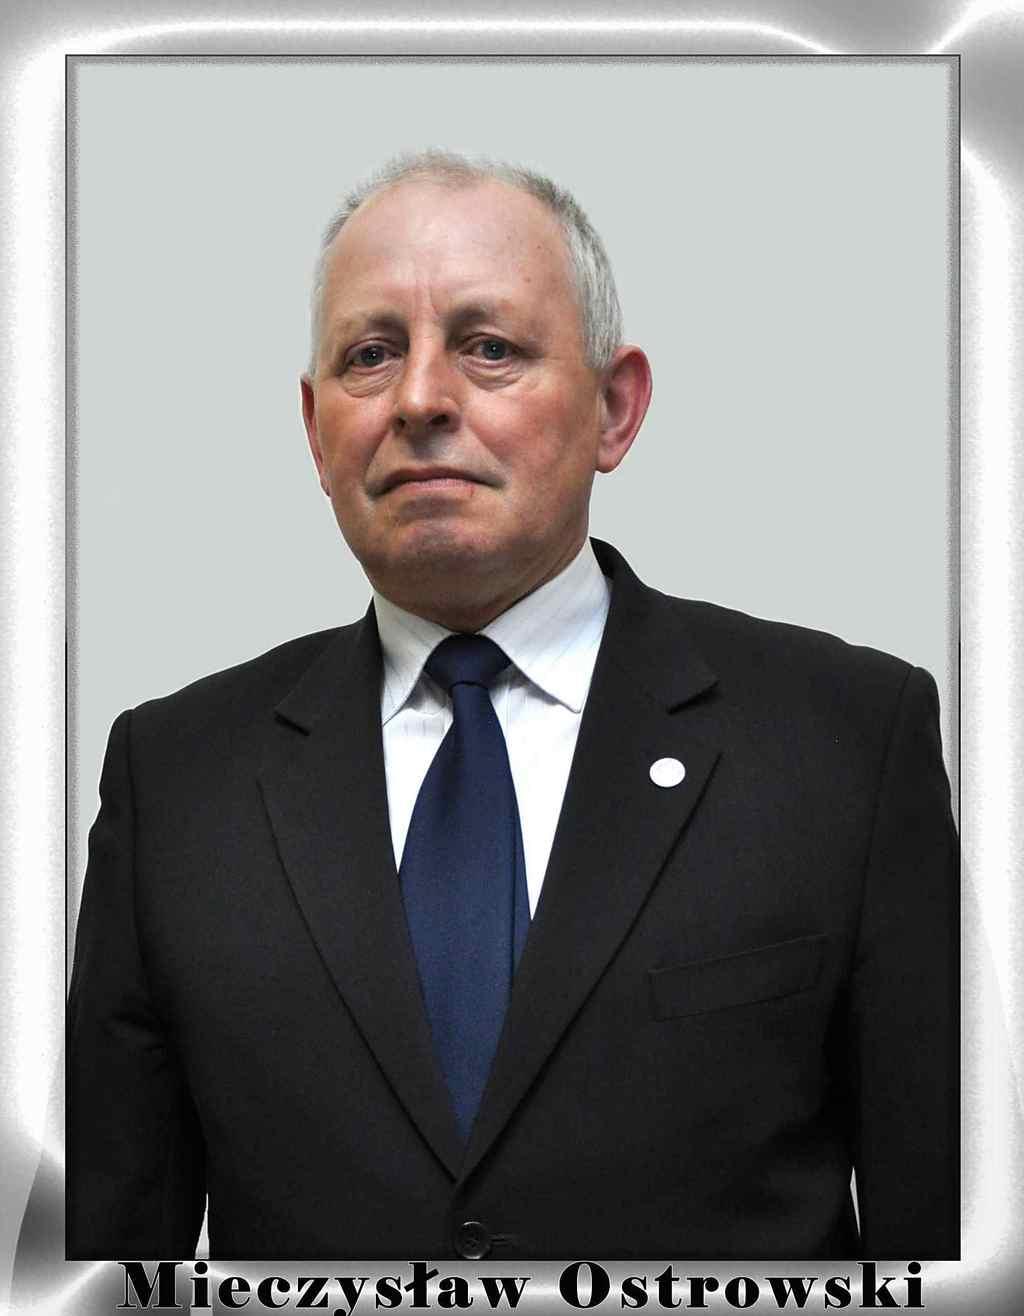 Mieczysław Ostrowski